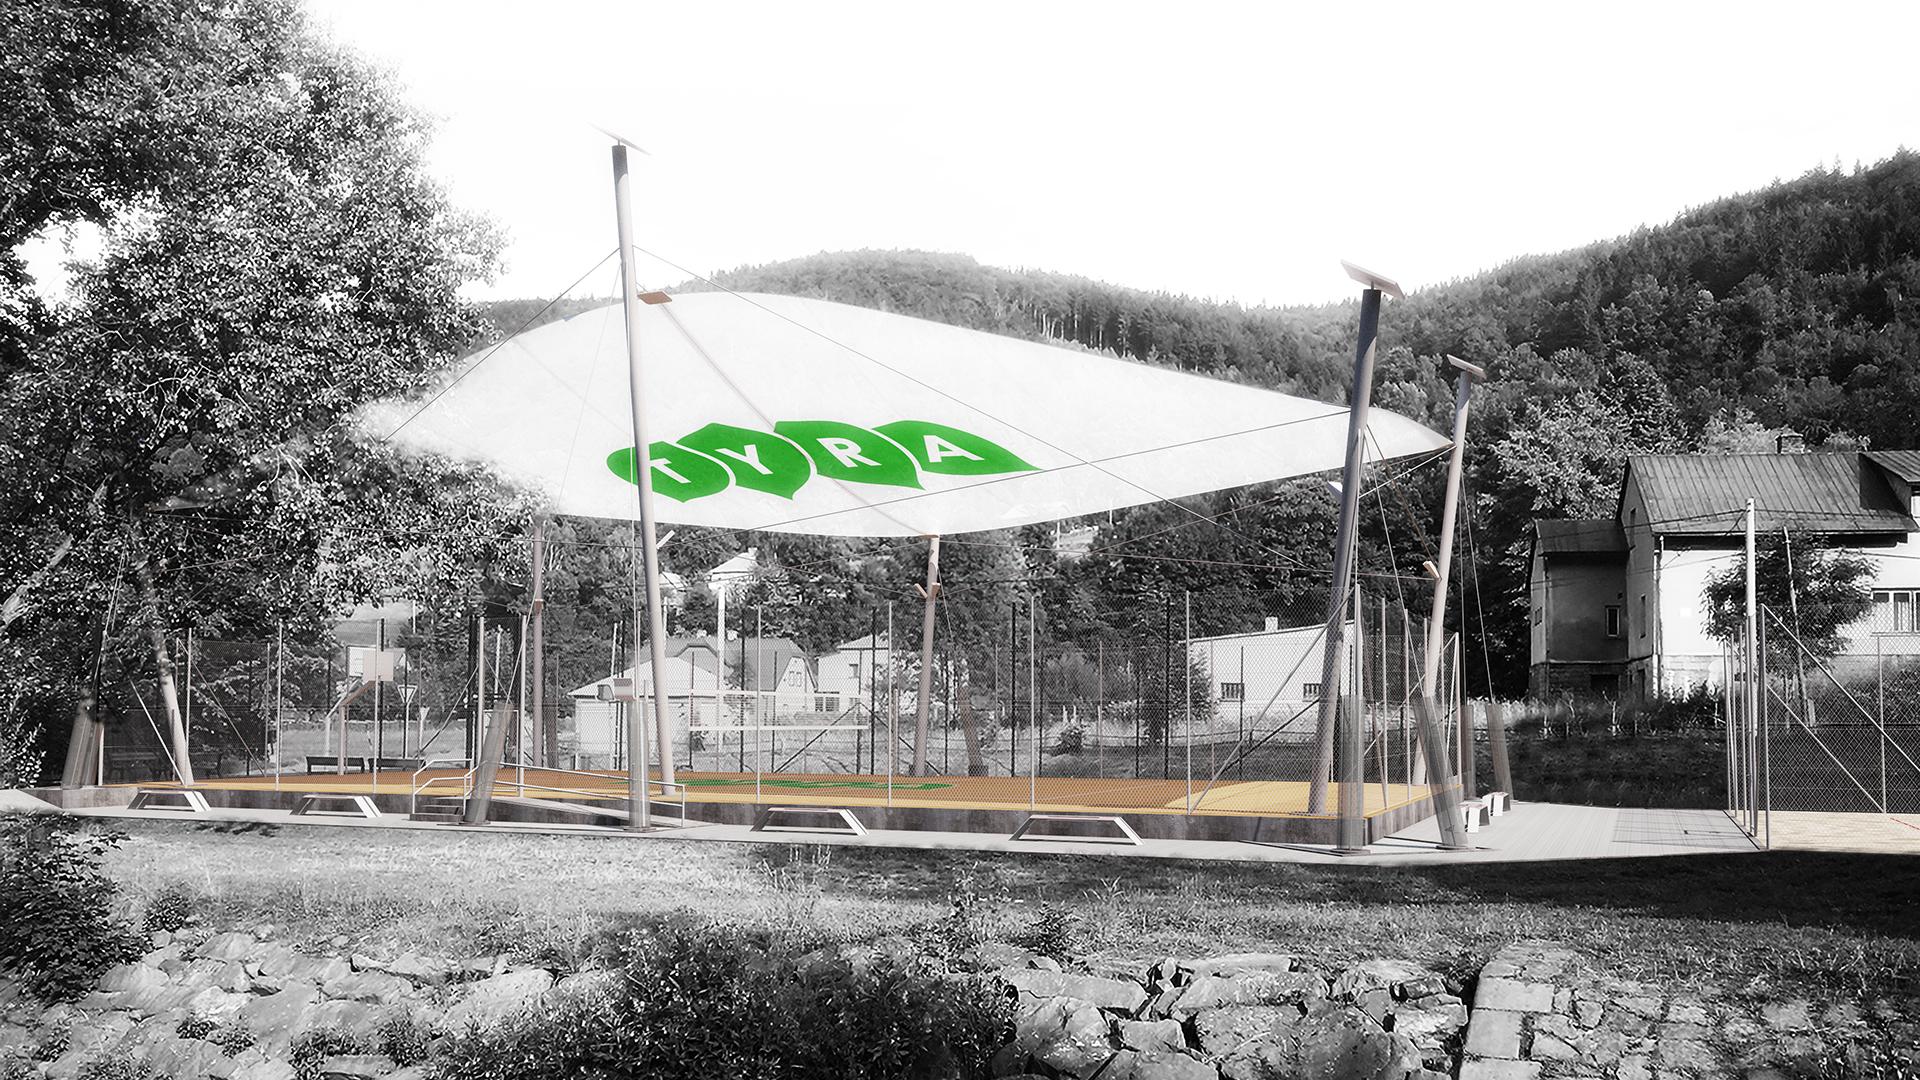 Sportovní areál Tyra